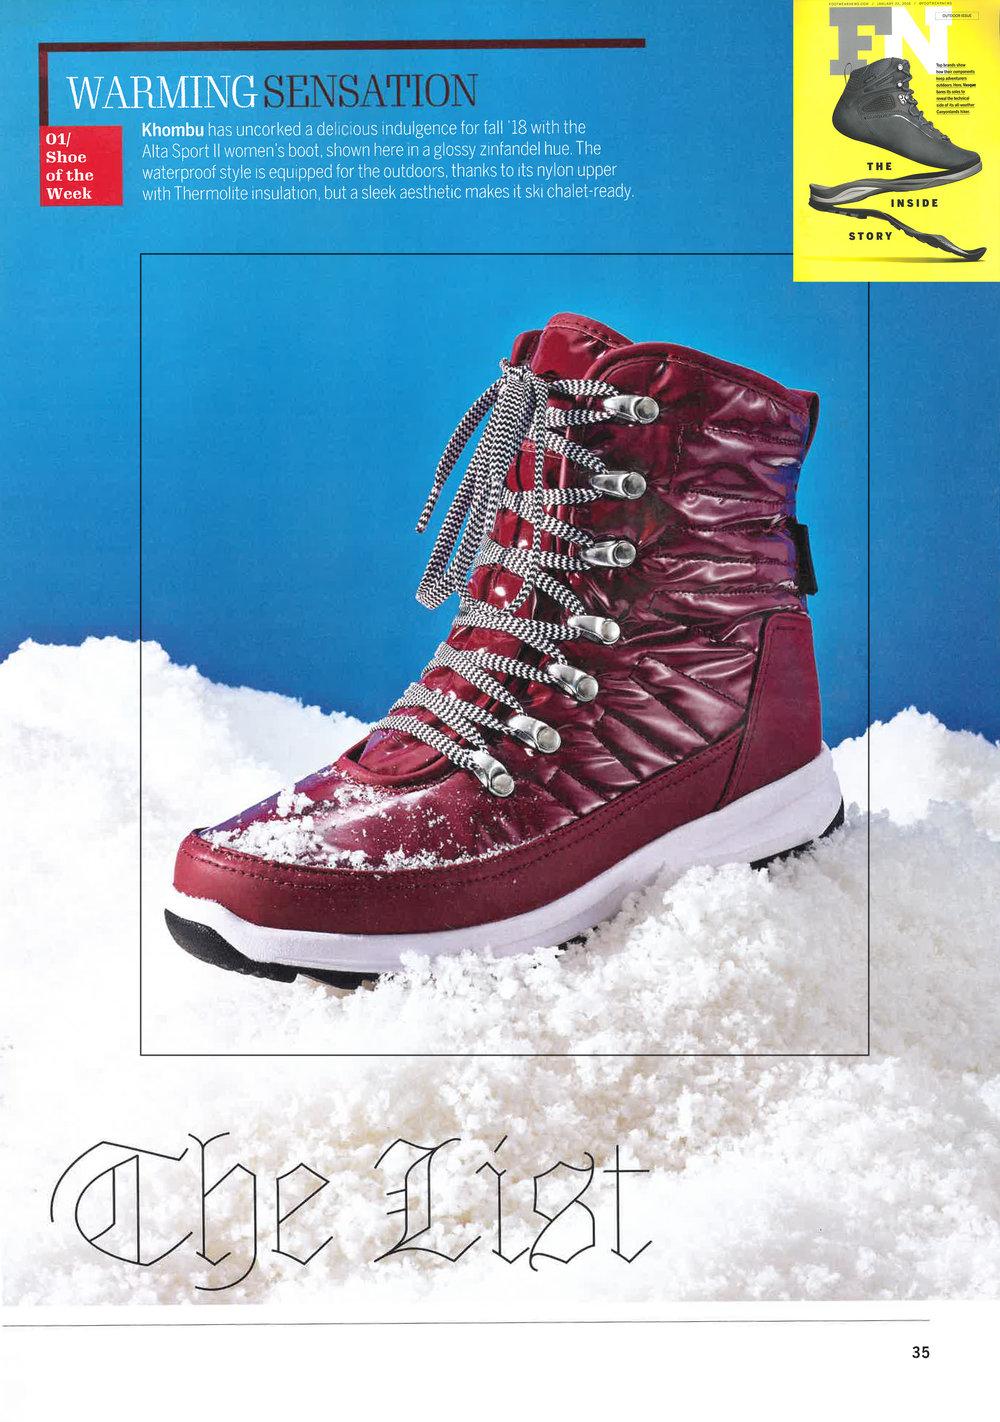 Footwear News 1.22.18.jpg